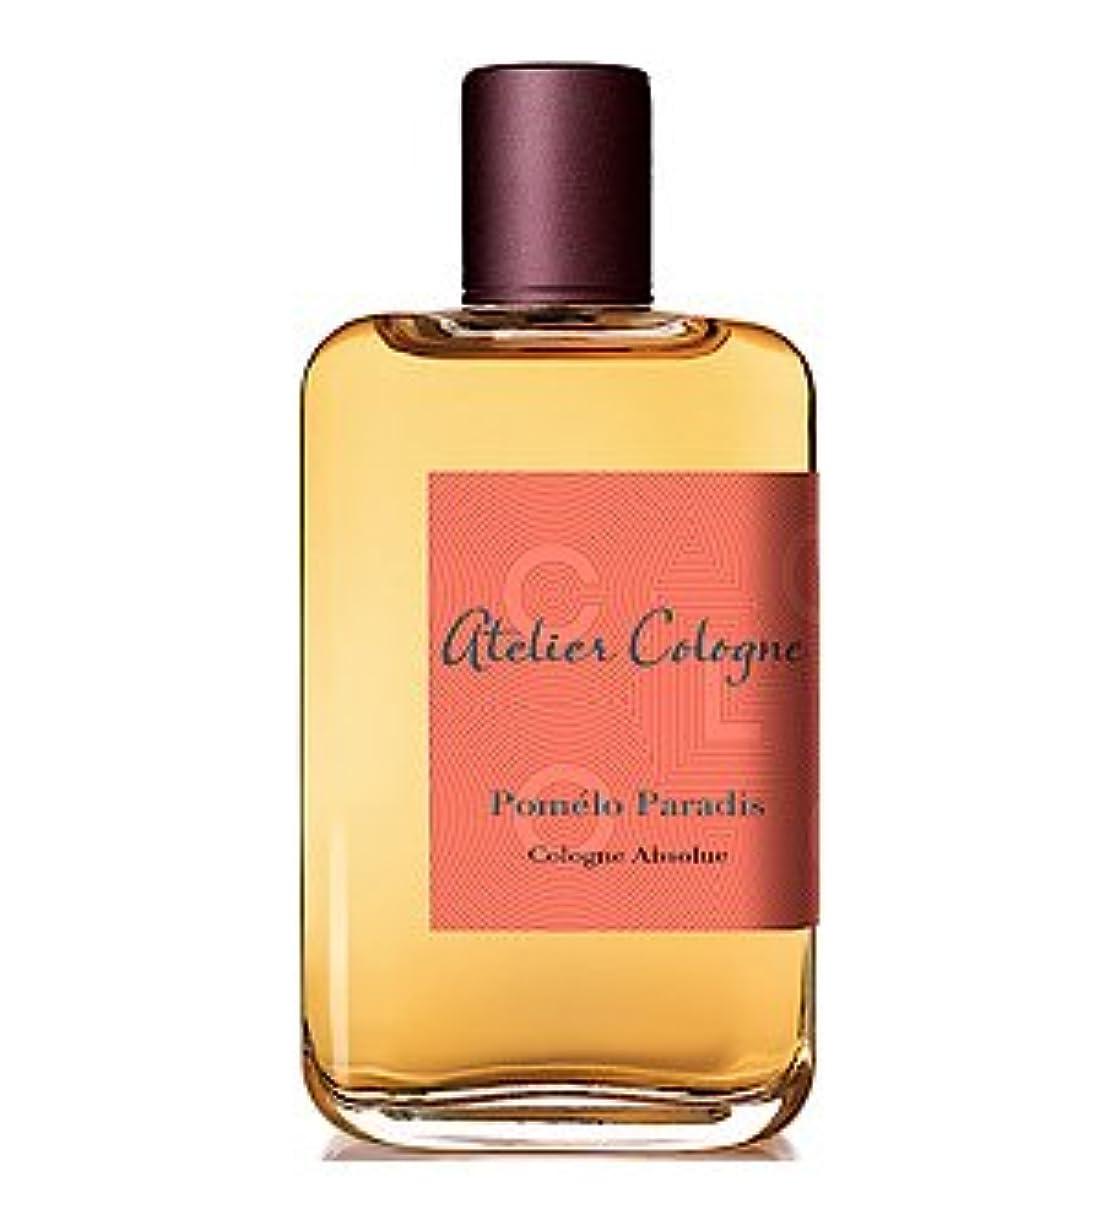 落ち込んでいる野心筋肉のAtelier Cologne Pomelo Paradis (アトリエ コロン ポメロ パラディス) 6.7 oz (200ml) Cologne Absolue